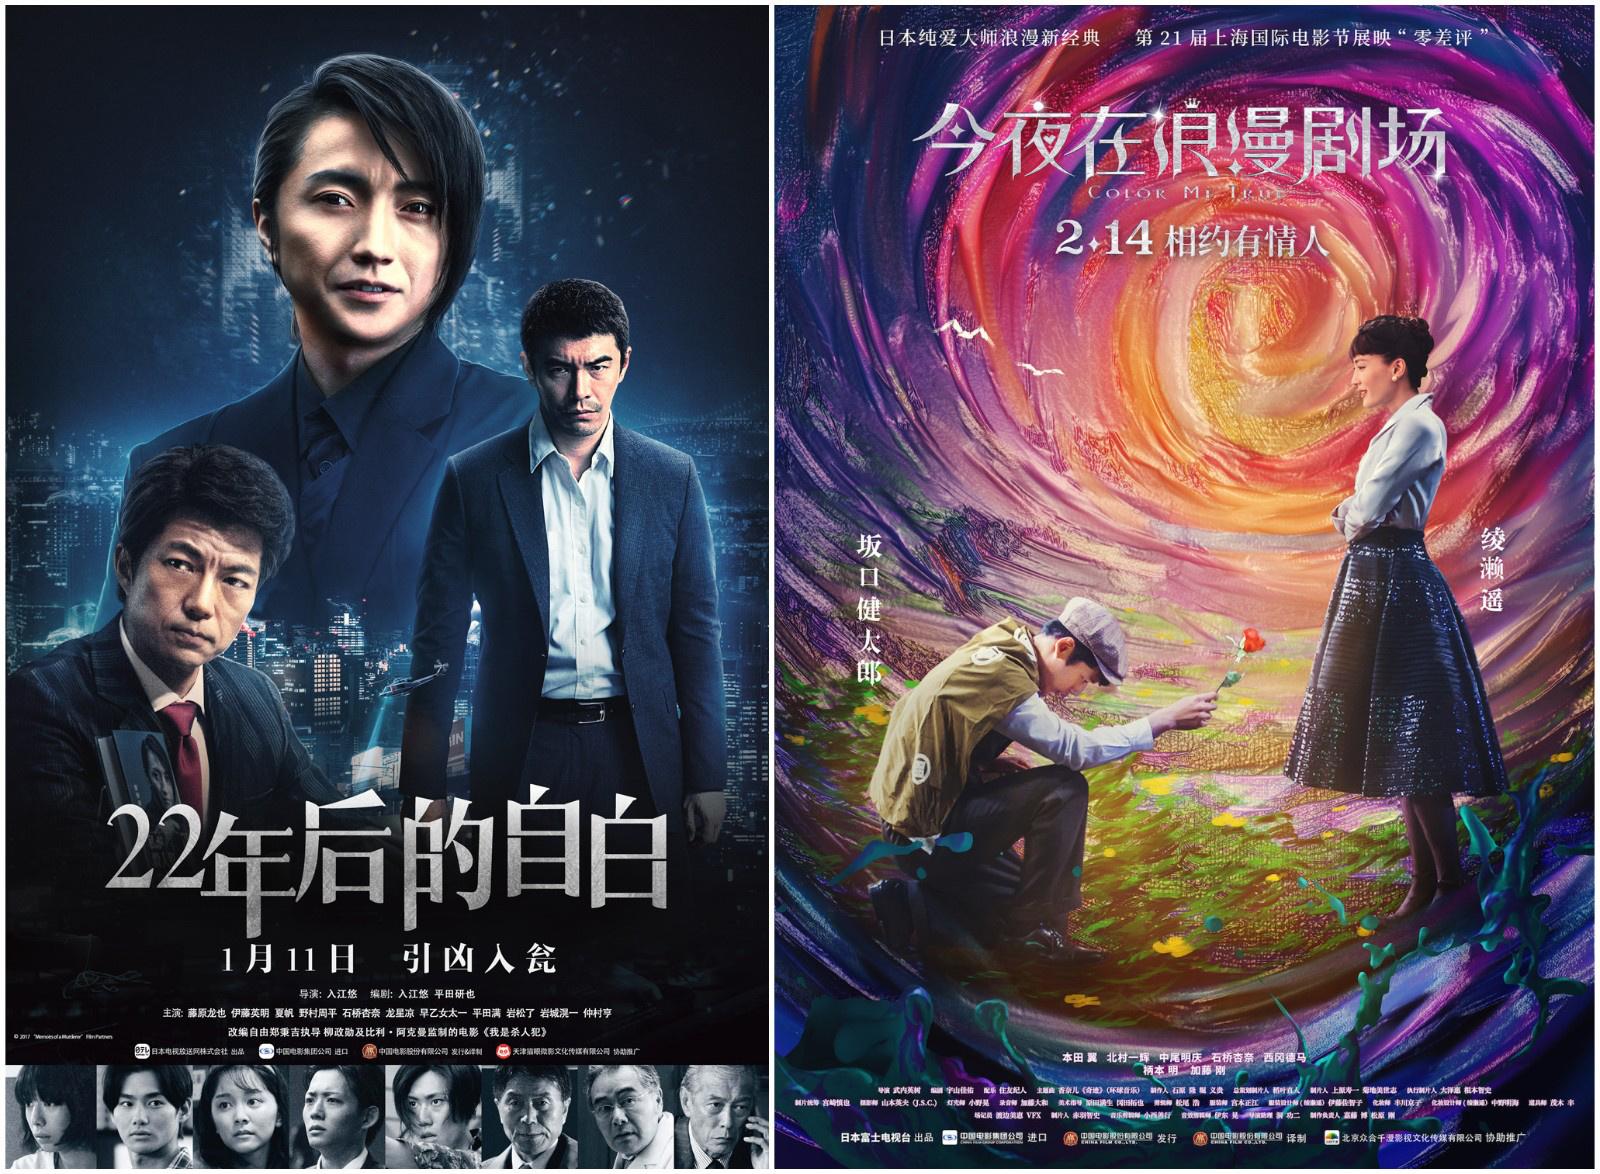 《夏目友人帐》破亿 解密日本电影引进国内生意经